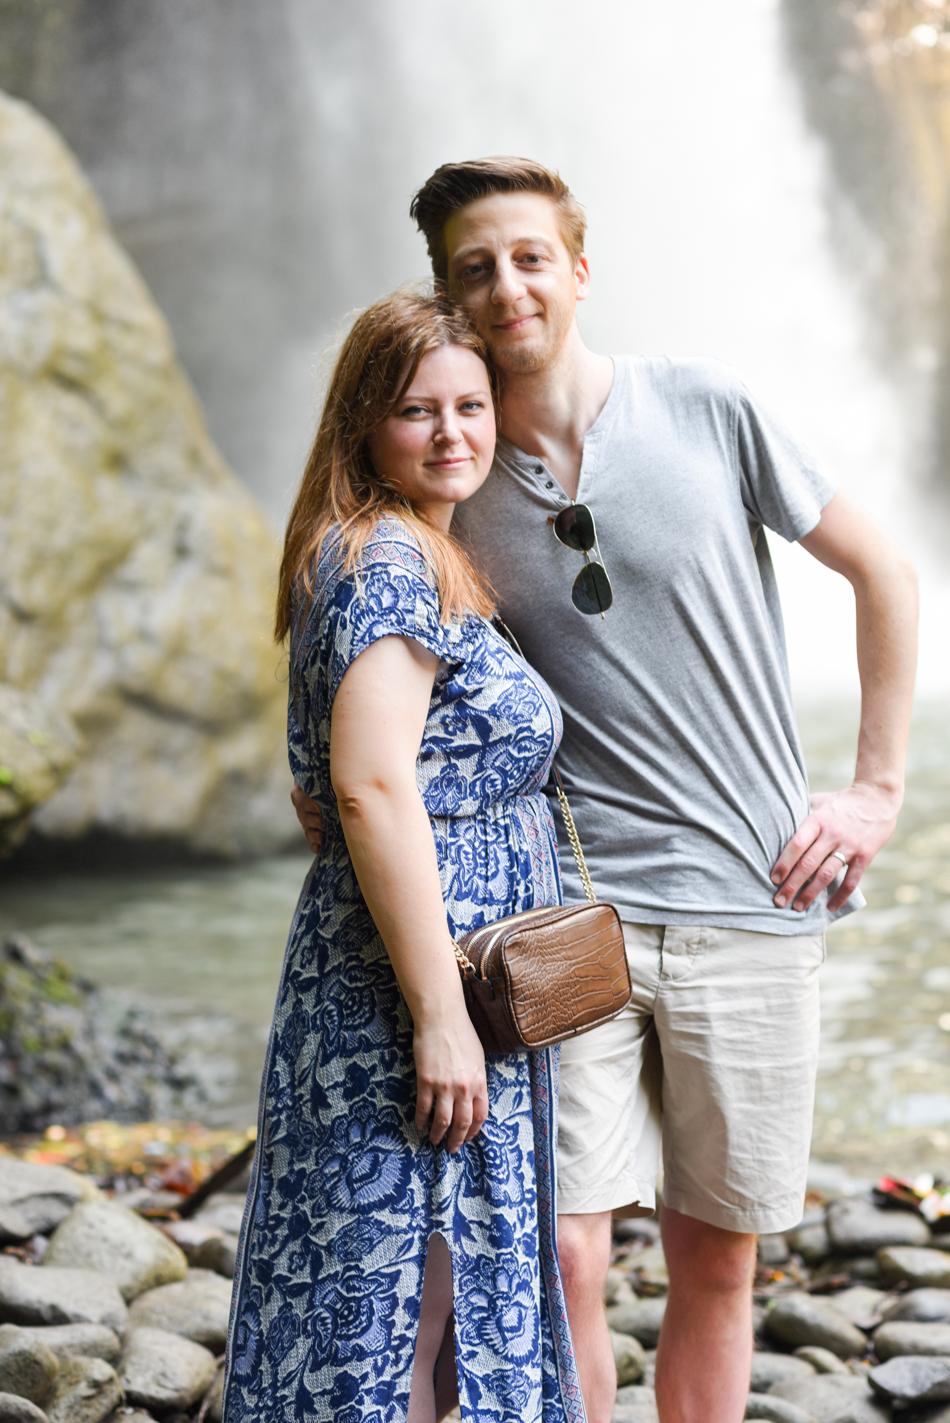 Bali-Honeymoon-Travel-AnaisStoelen-2.jpg